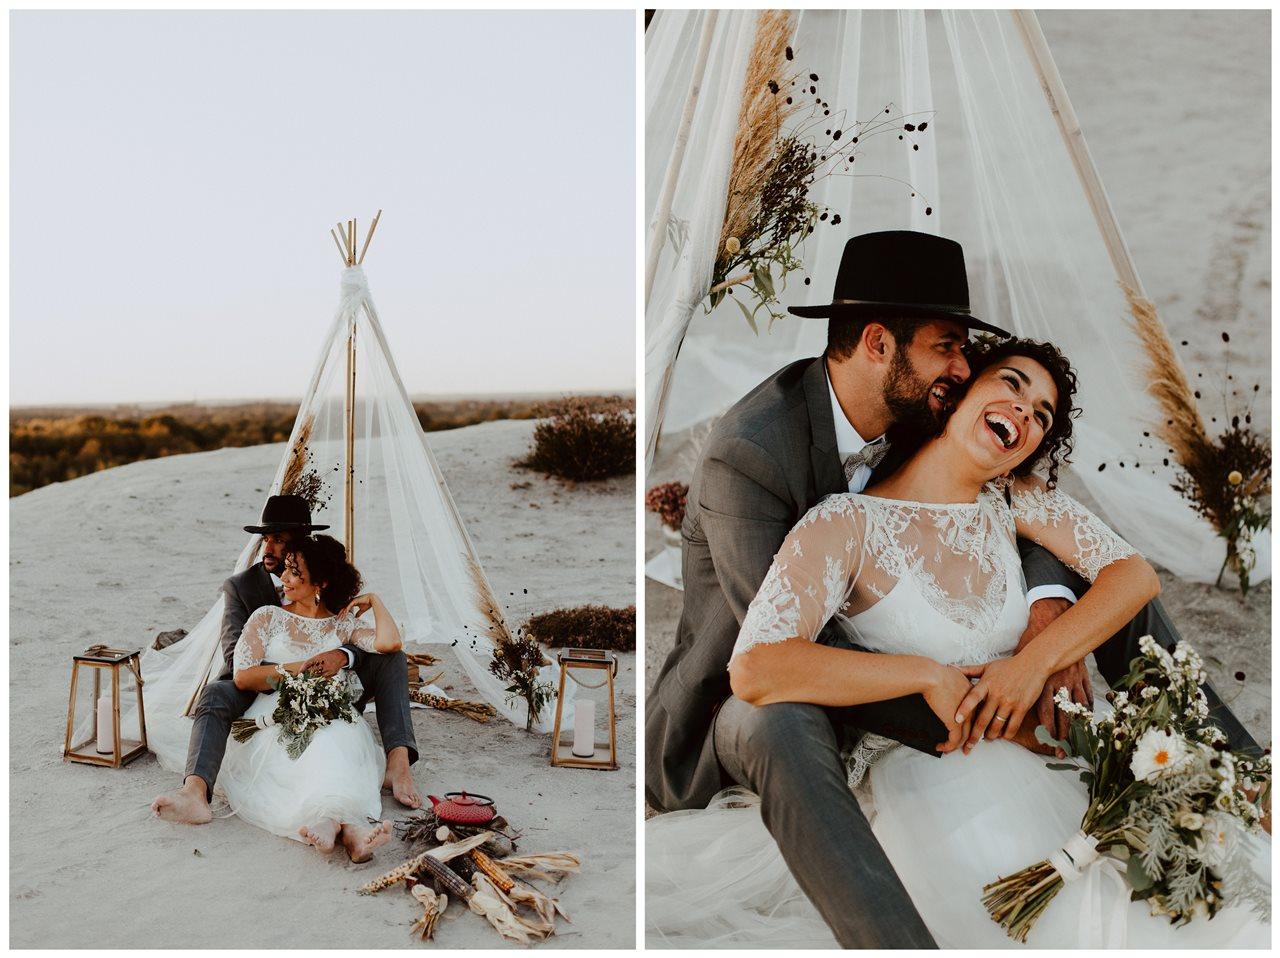 mariage nude plage tipi portrait mariés assis rire complicité couple